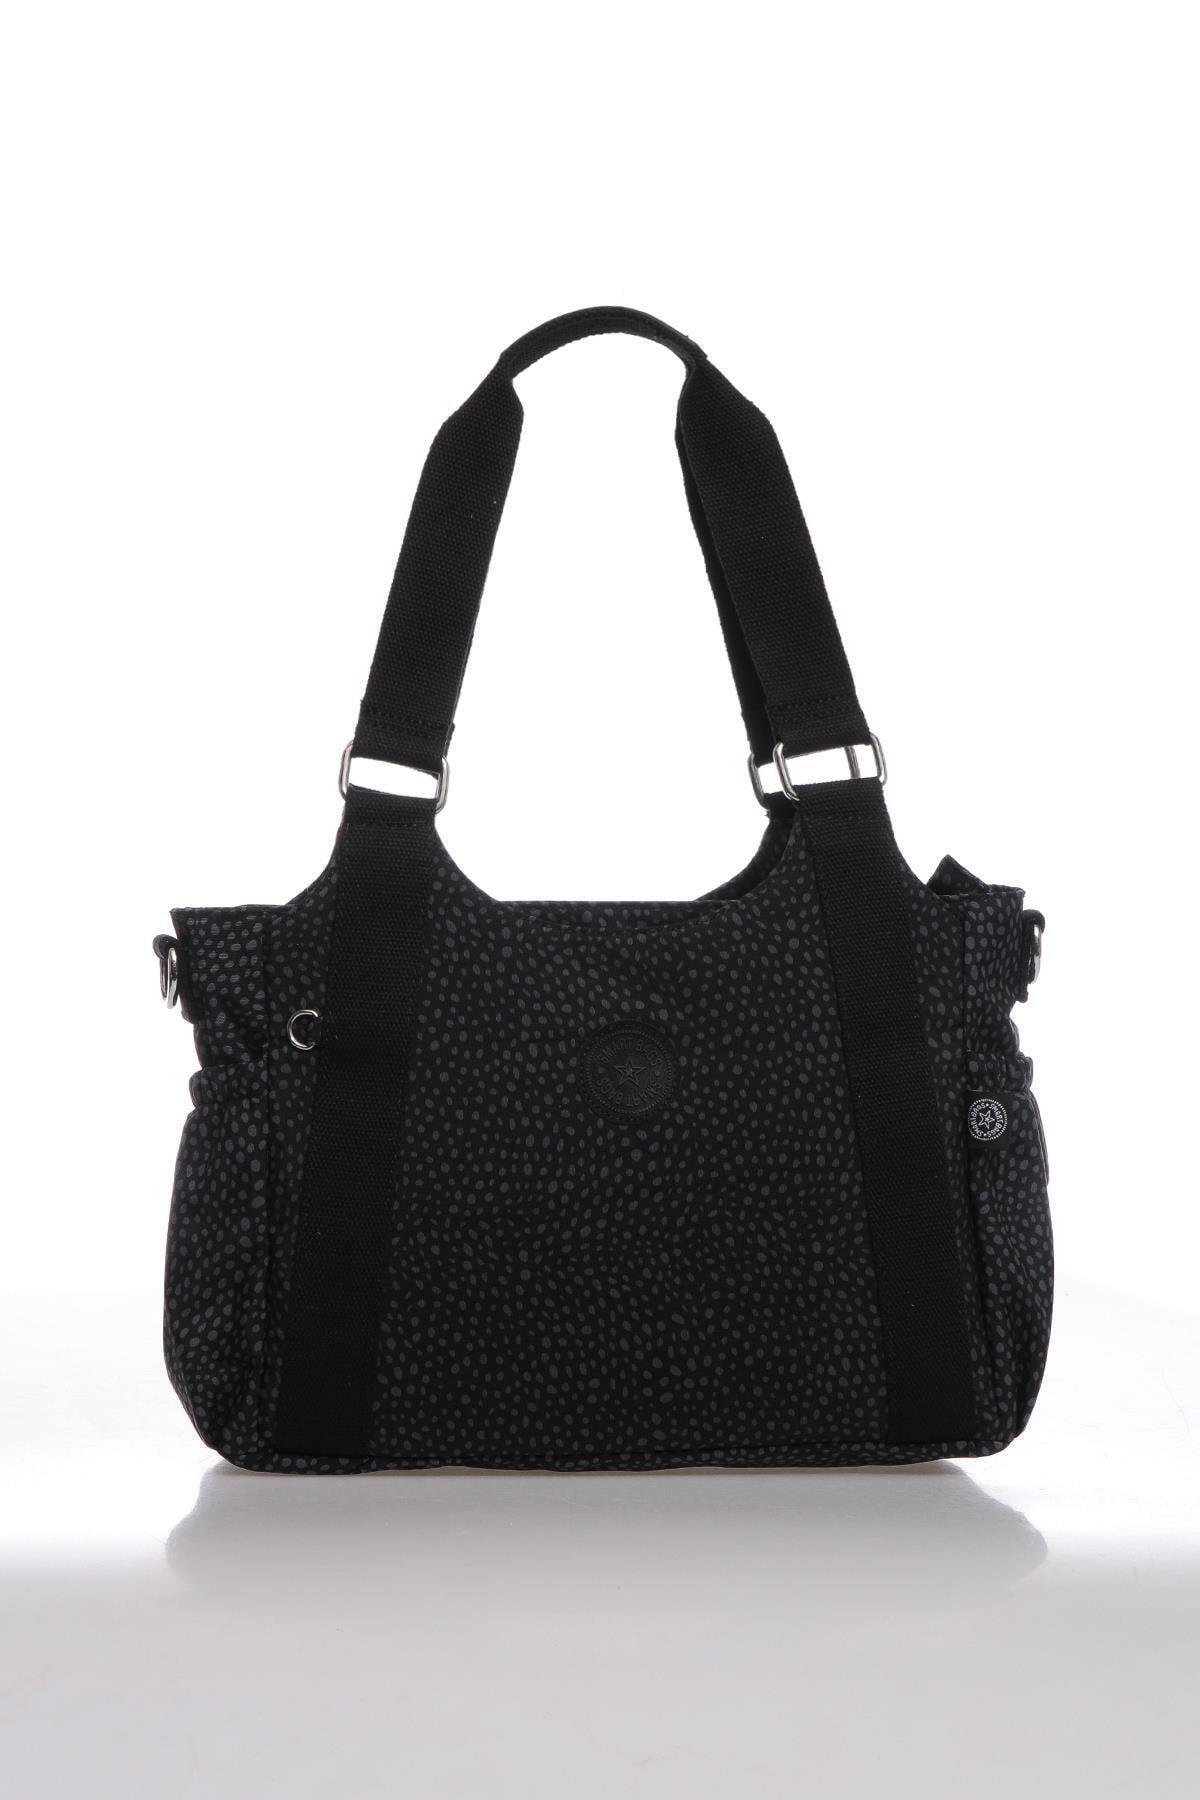 SMART BAGS Kadın Siyah Puantiyeli Omuz Çantası Smbk1163-0091 1